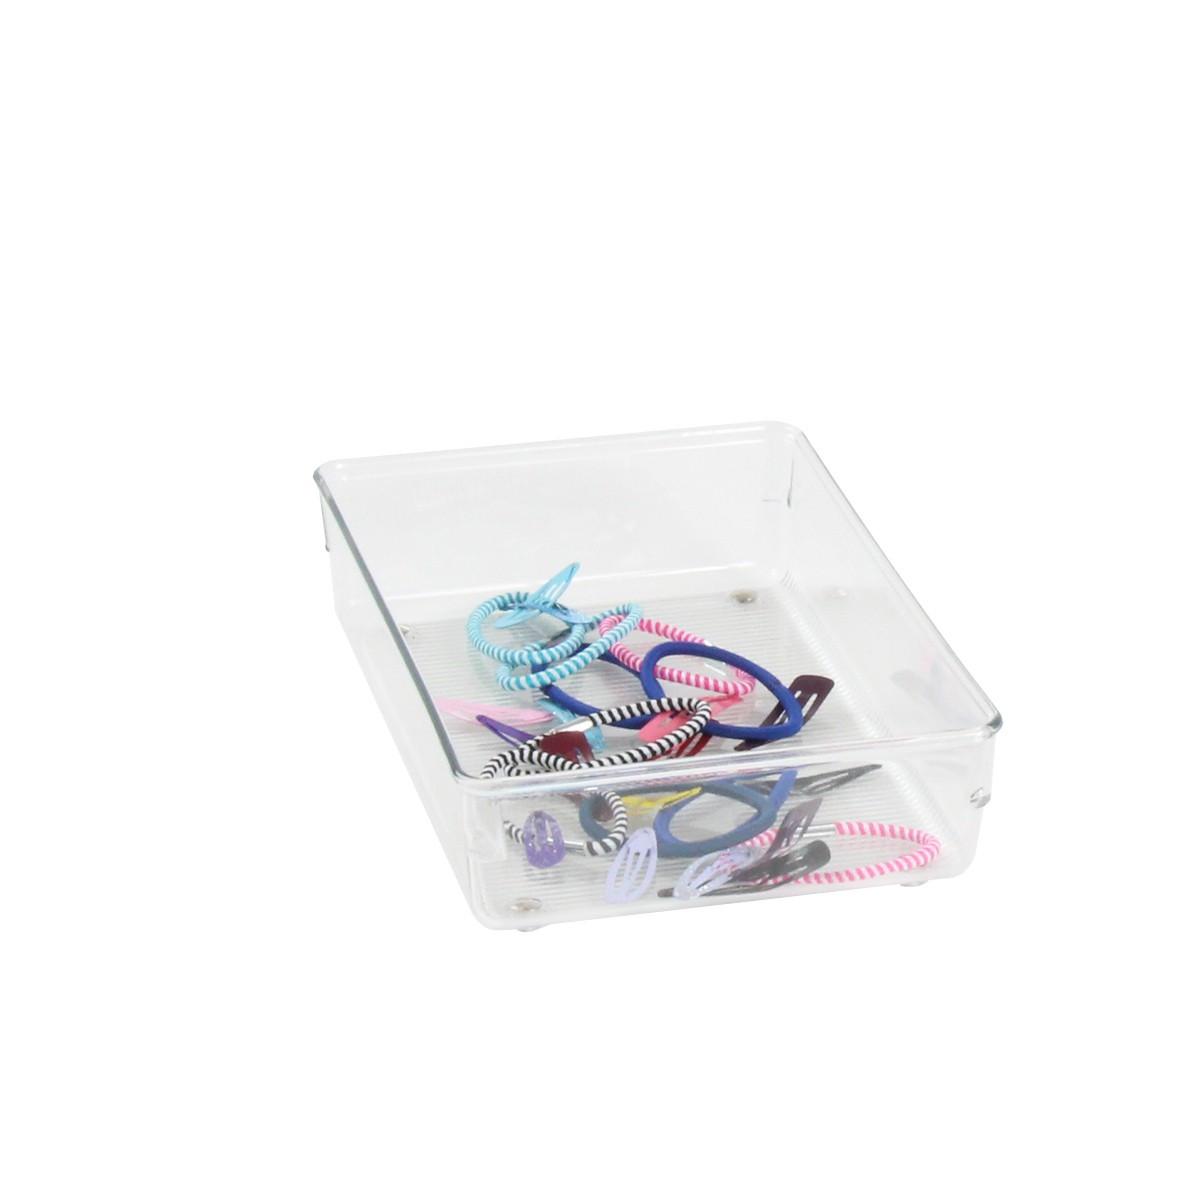 Compartiment de tiroir acrylique rangement salle de bain - Compartiment rangement tiroir ...